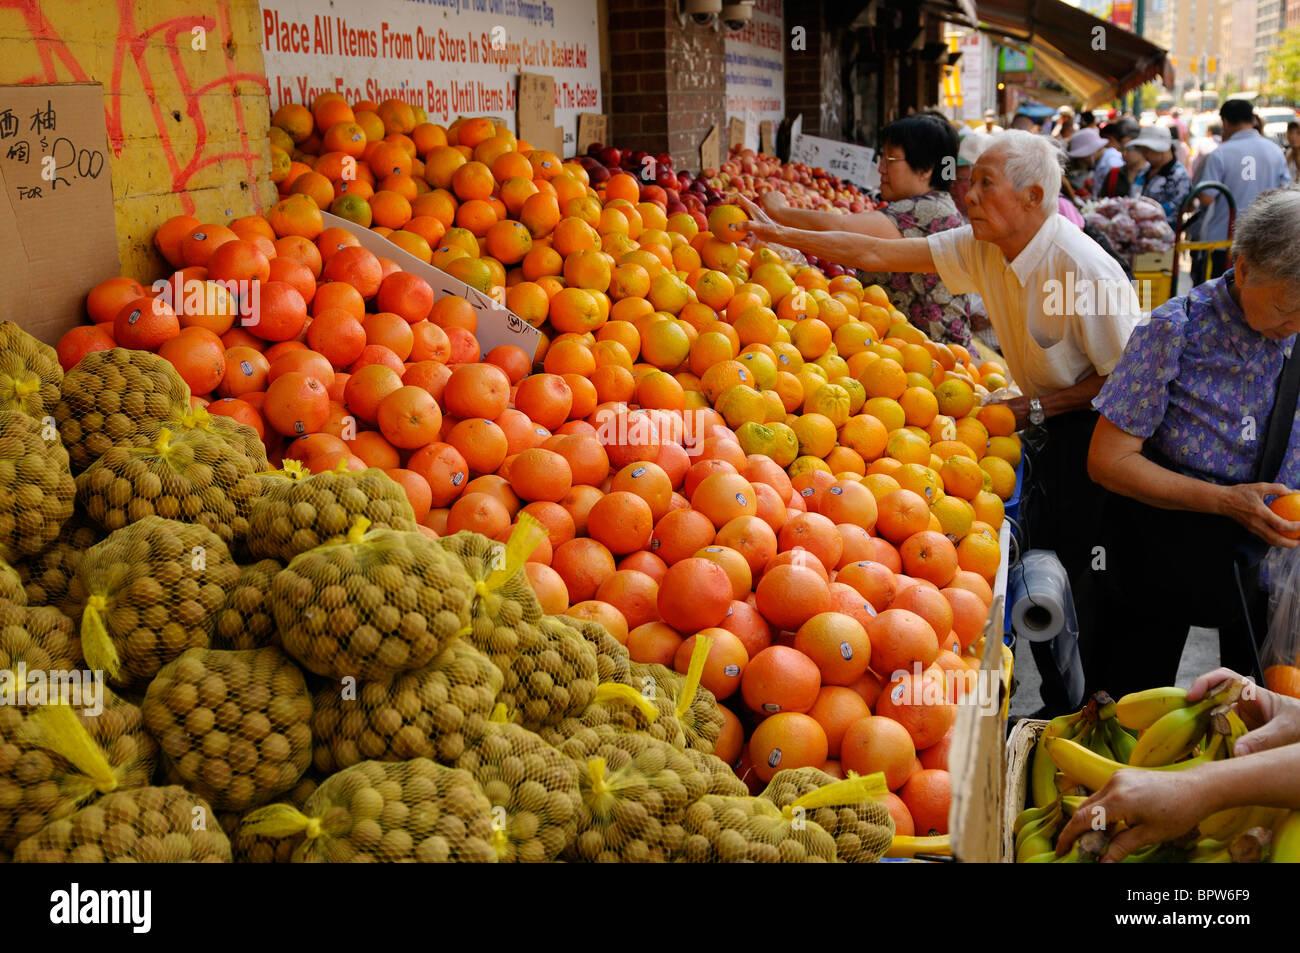 Kunden Kommissionierung Früchte auf einem Bürgersteig Lebensmittelgeschäft in Chinatown Toronto Stockbild